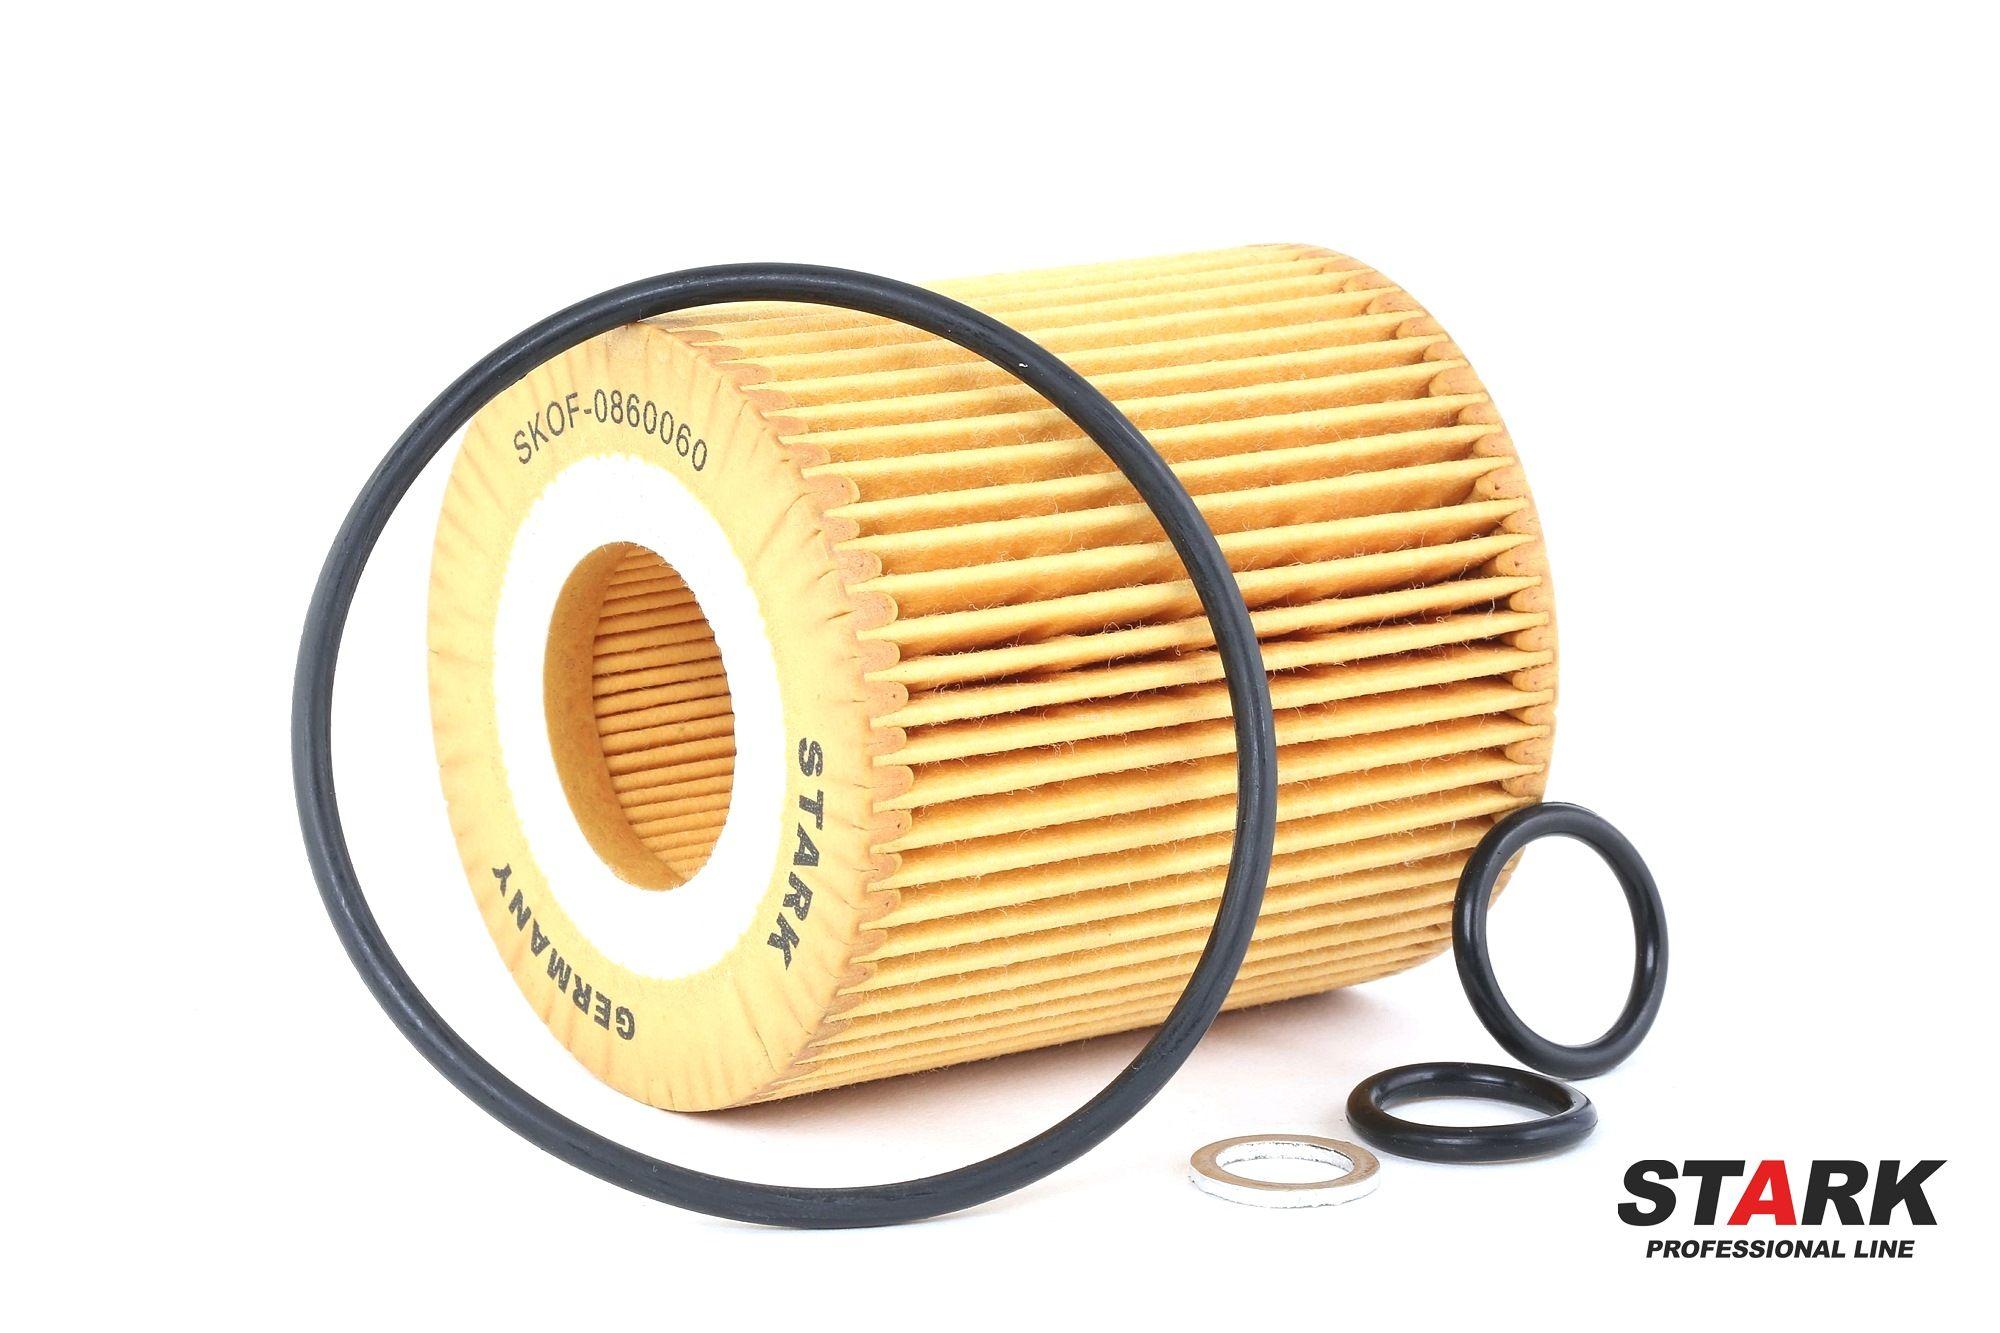 Wechselfilter STARK SKOF-0860060 Bewertung